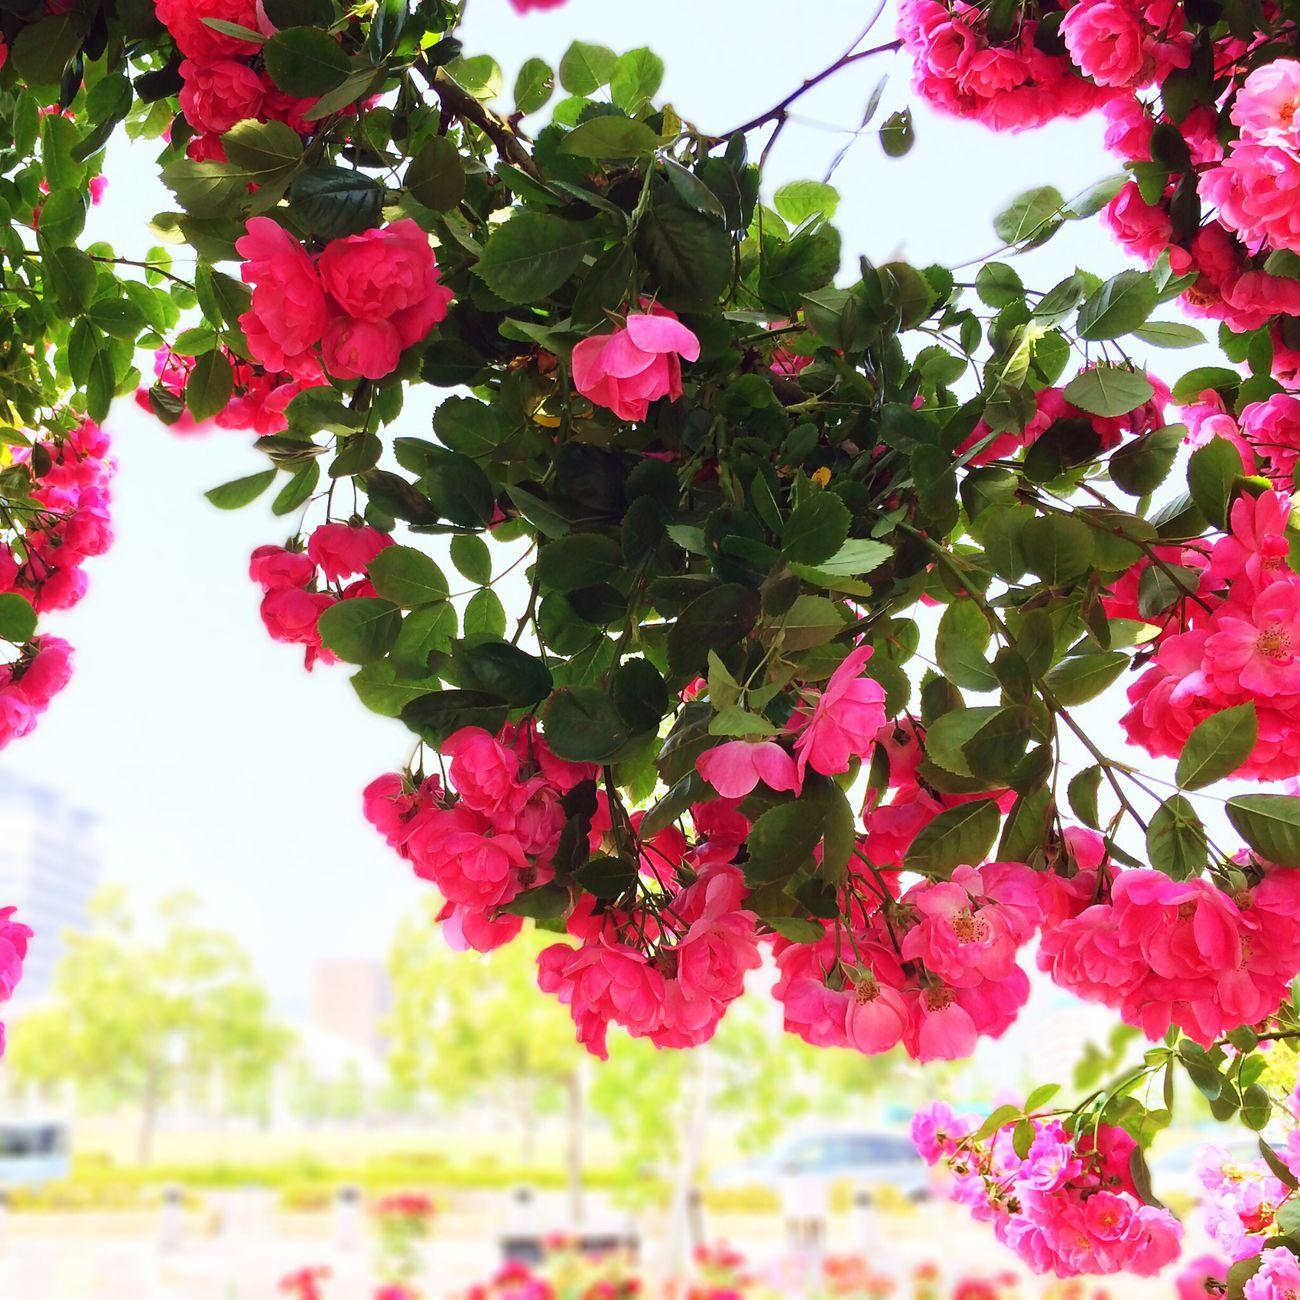 そういえば、薔薇のアーチが盛りでしたよ。 Flower Roses